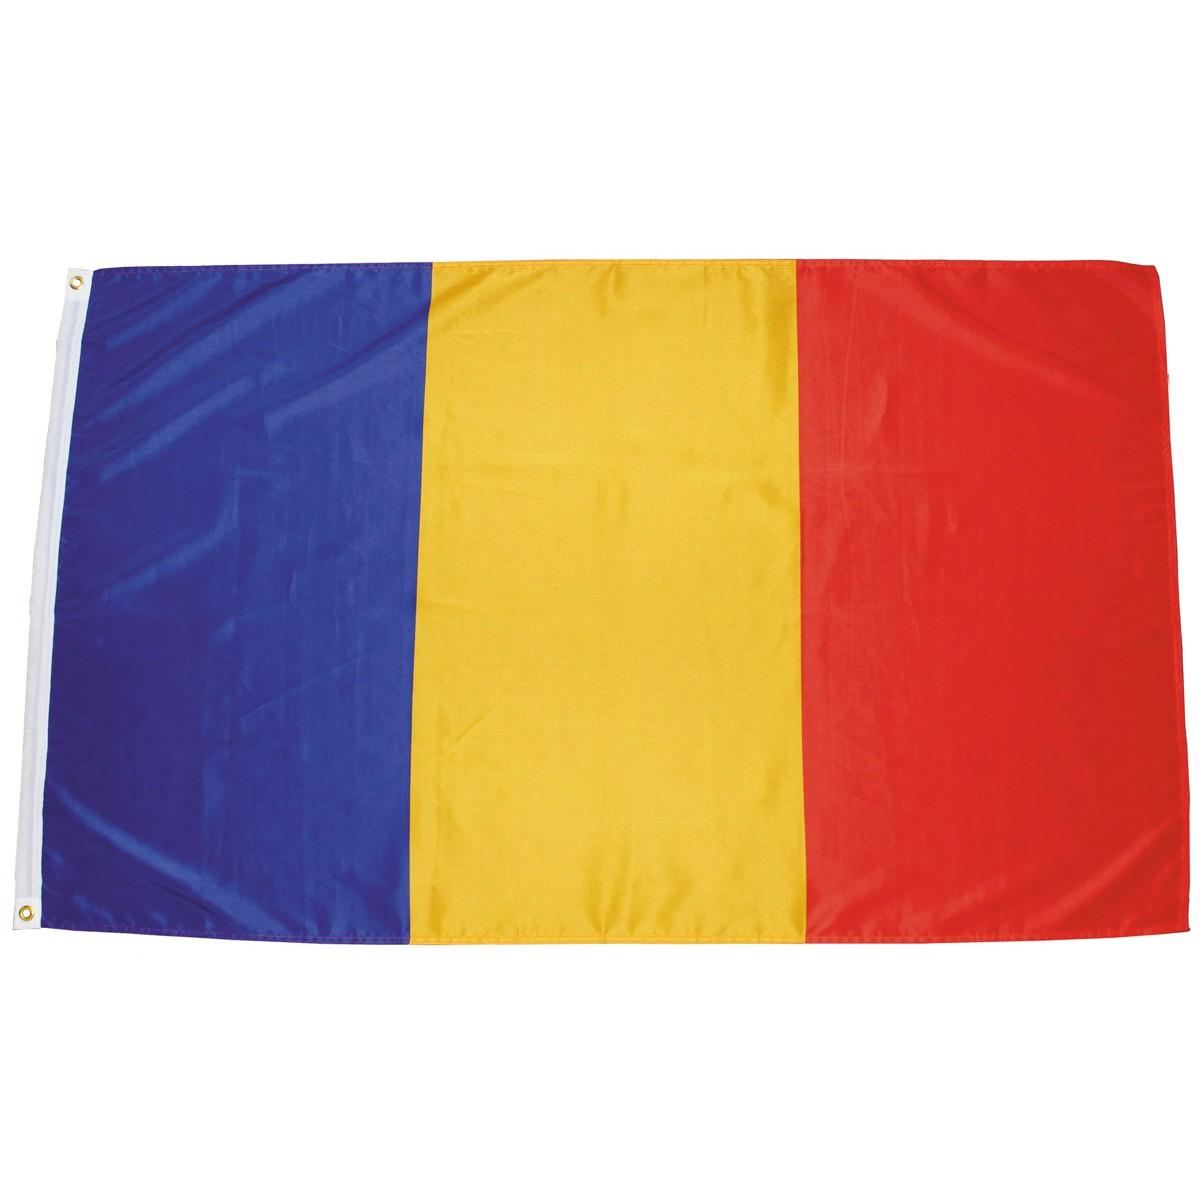 Rumunská vlajka  150x90cm obojstranná polyester megamix.sk